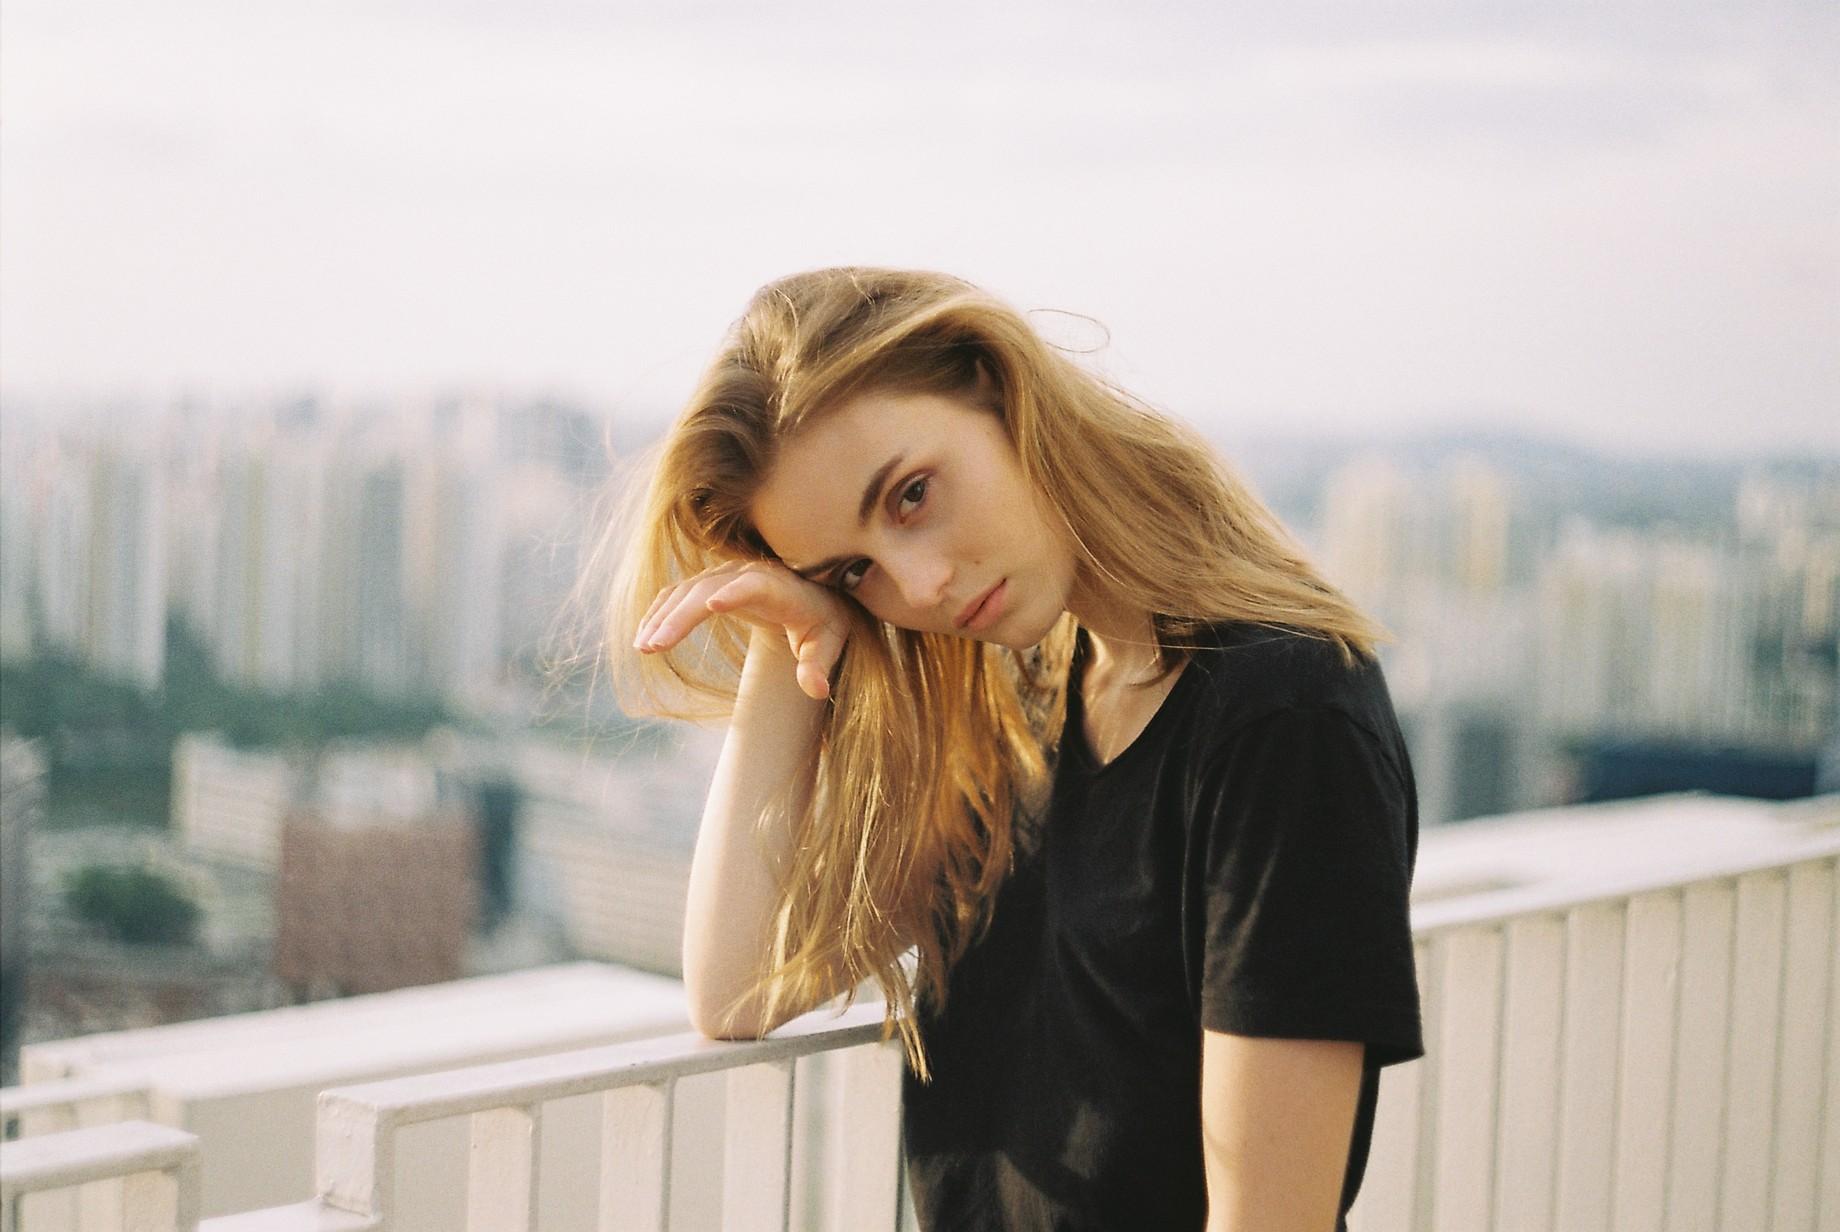 Фото Девушка с длинными волосами стоит на фоне города, by wolfboytroy